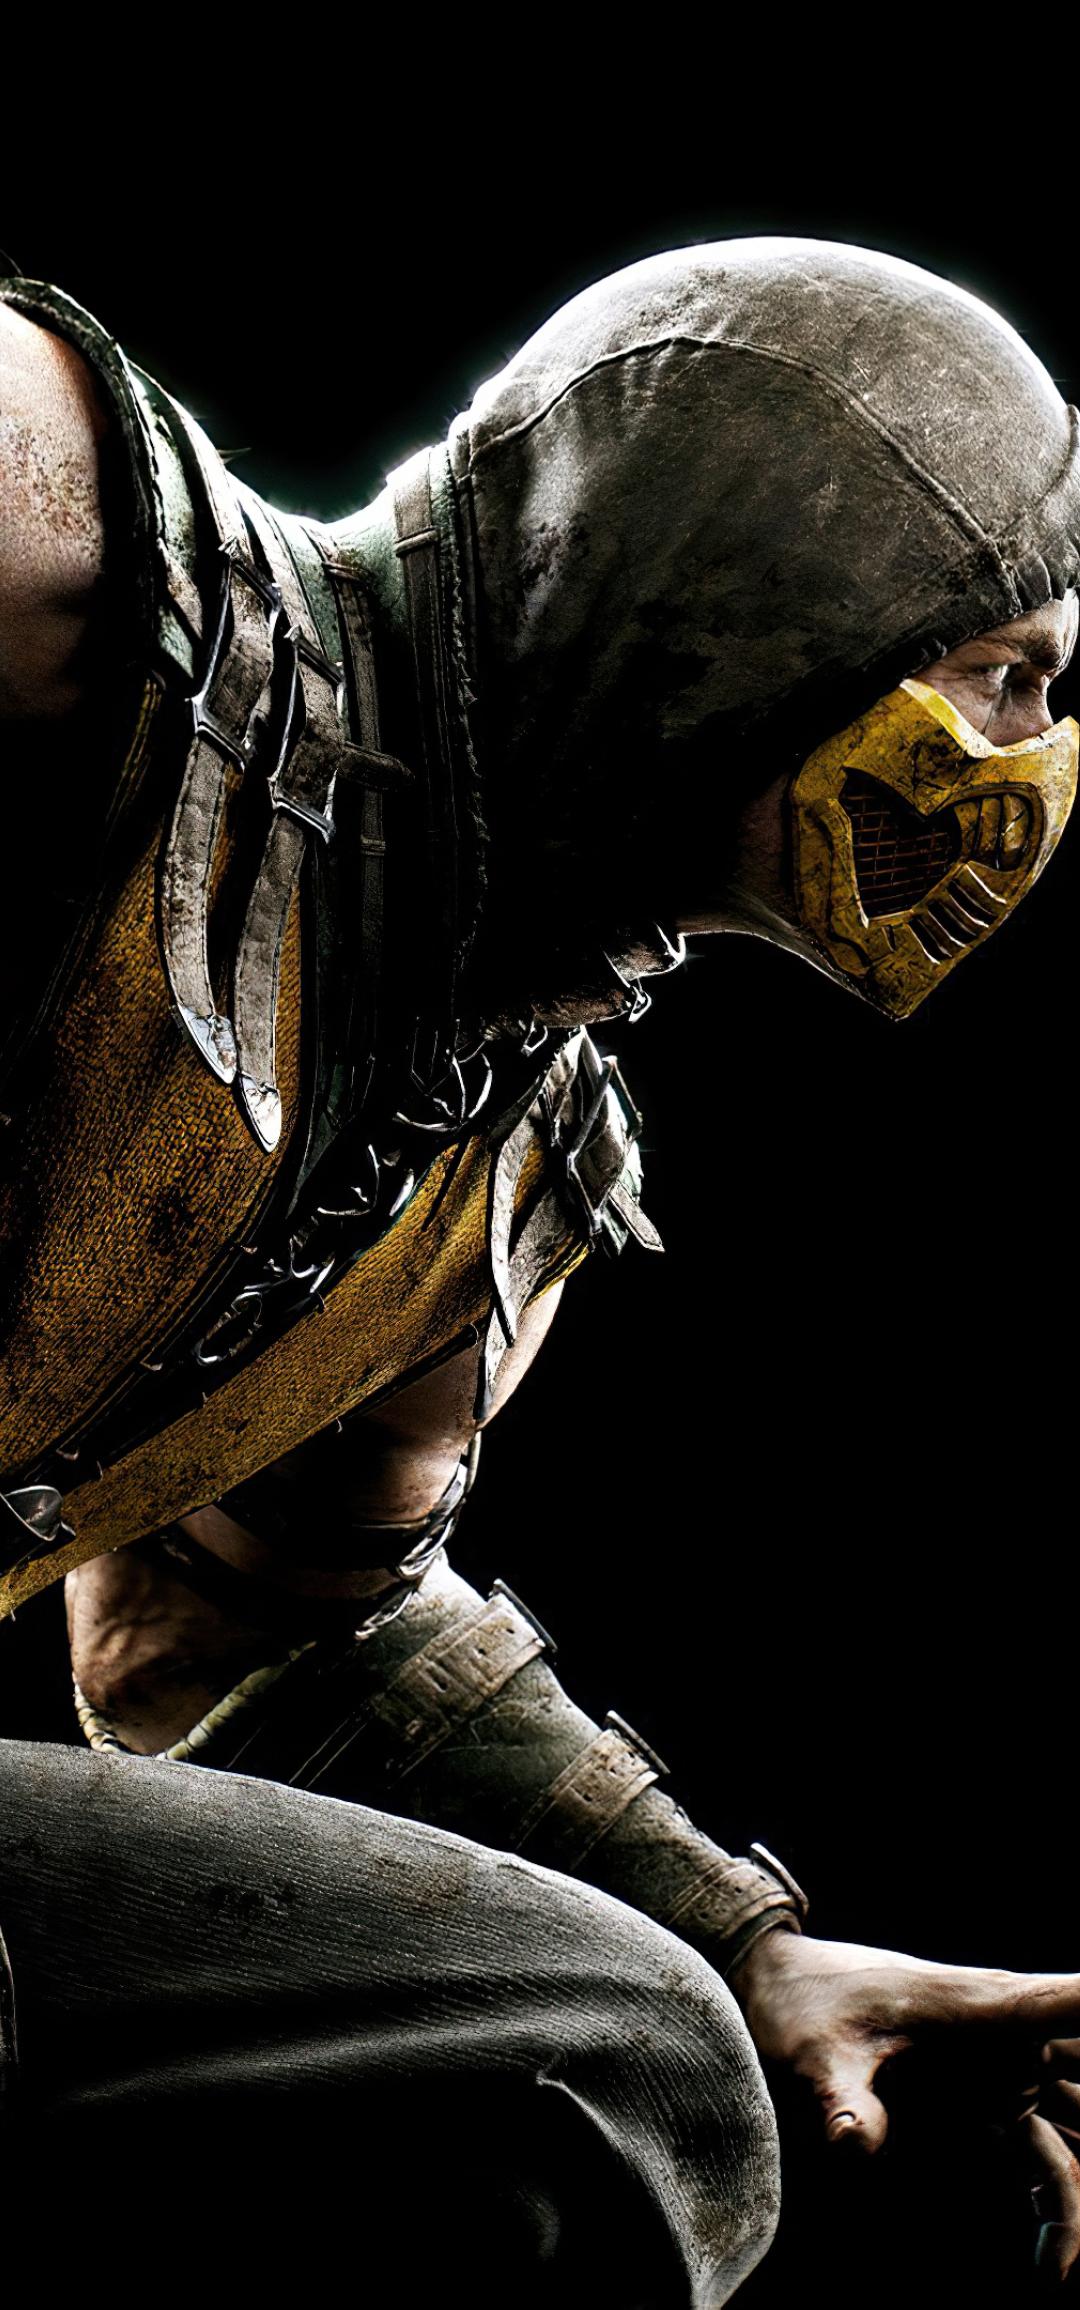 1080x2310 4K Scorpion Mortal Kombat 11 1080x2310 ...